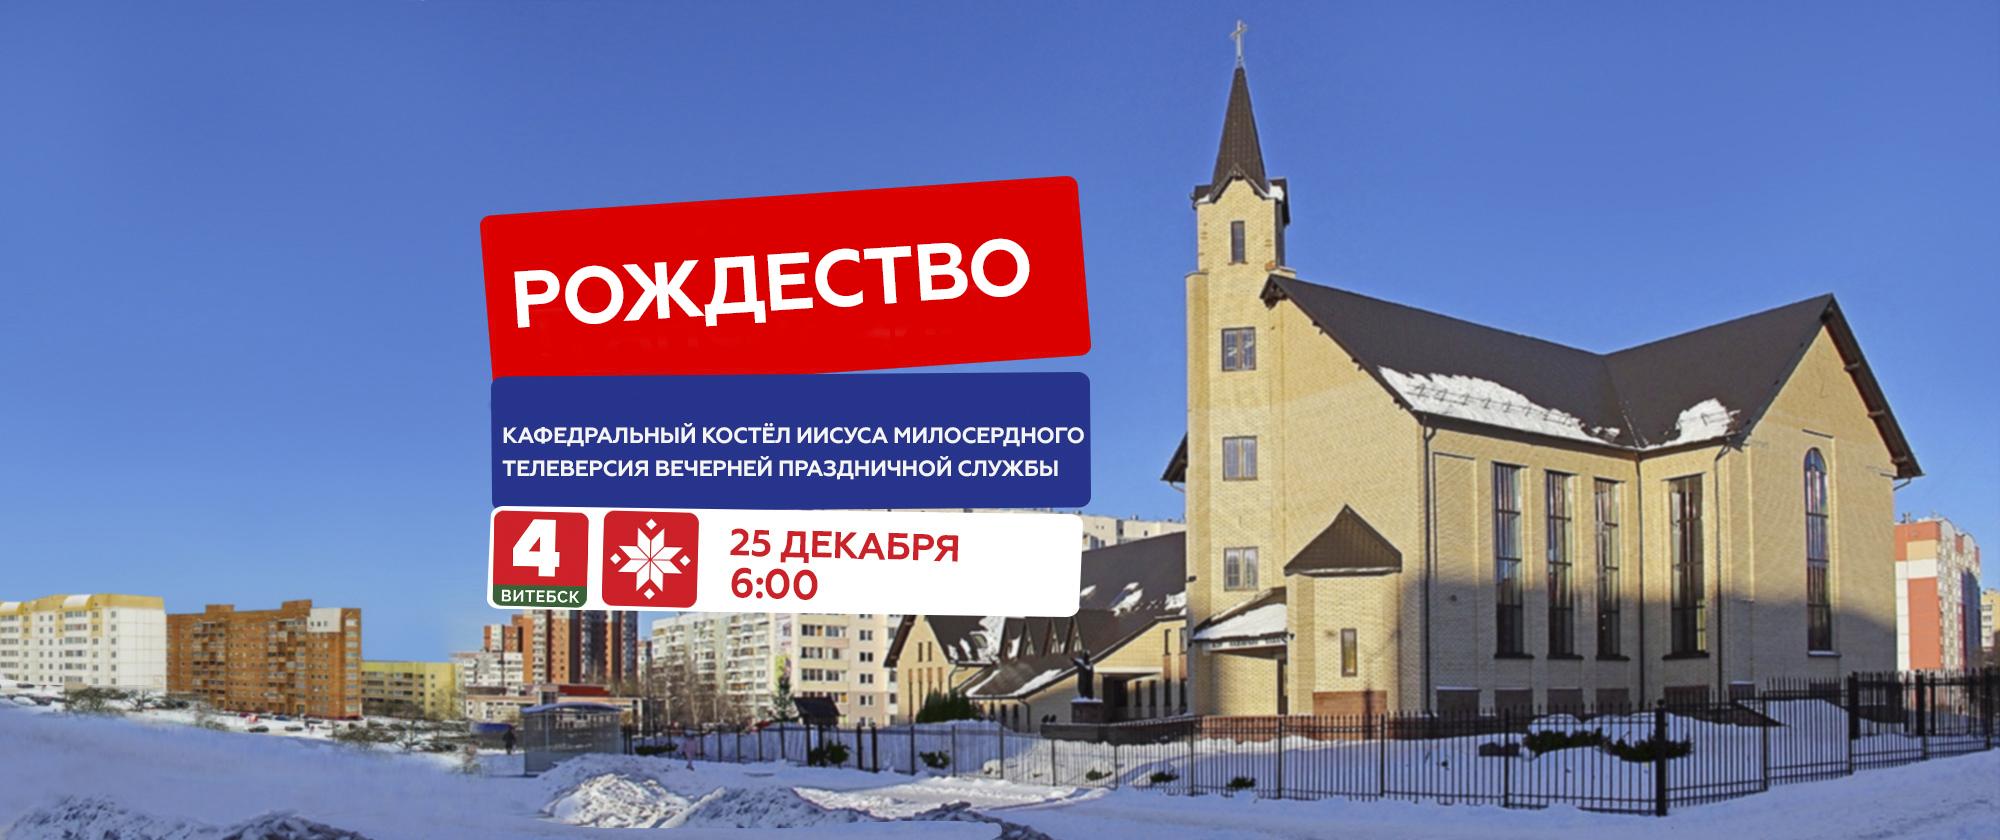 rozhdestvo 25 dekabrya - rozhdestvo-25-dekabrya